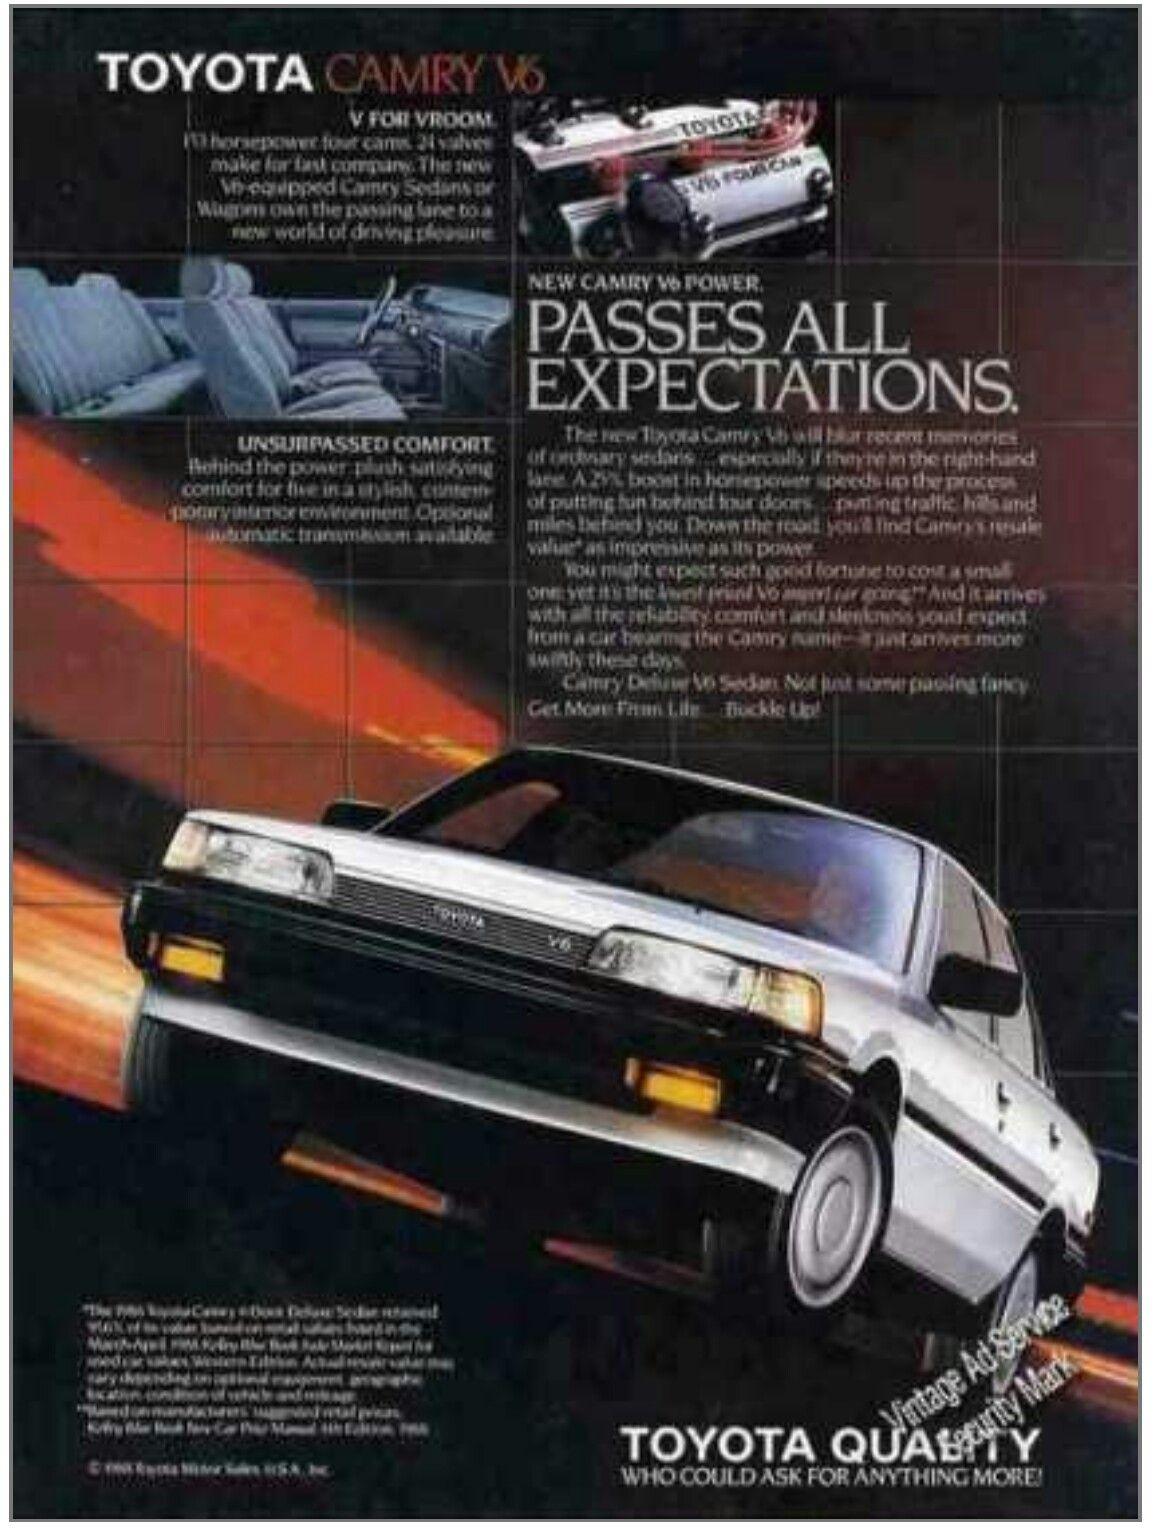 1988 Toyota Camry V6